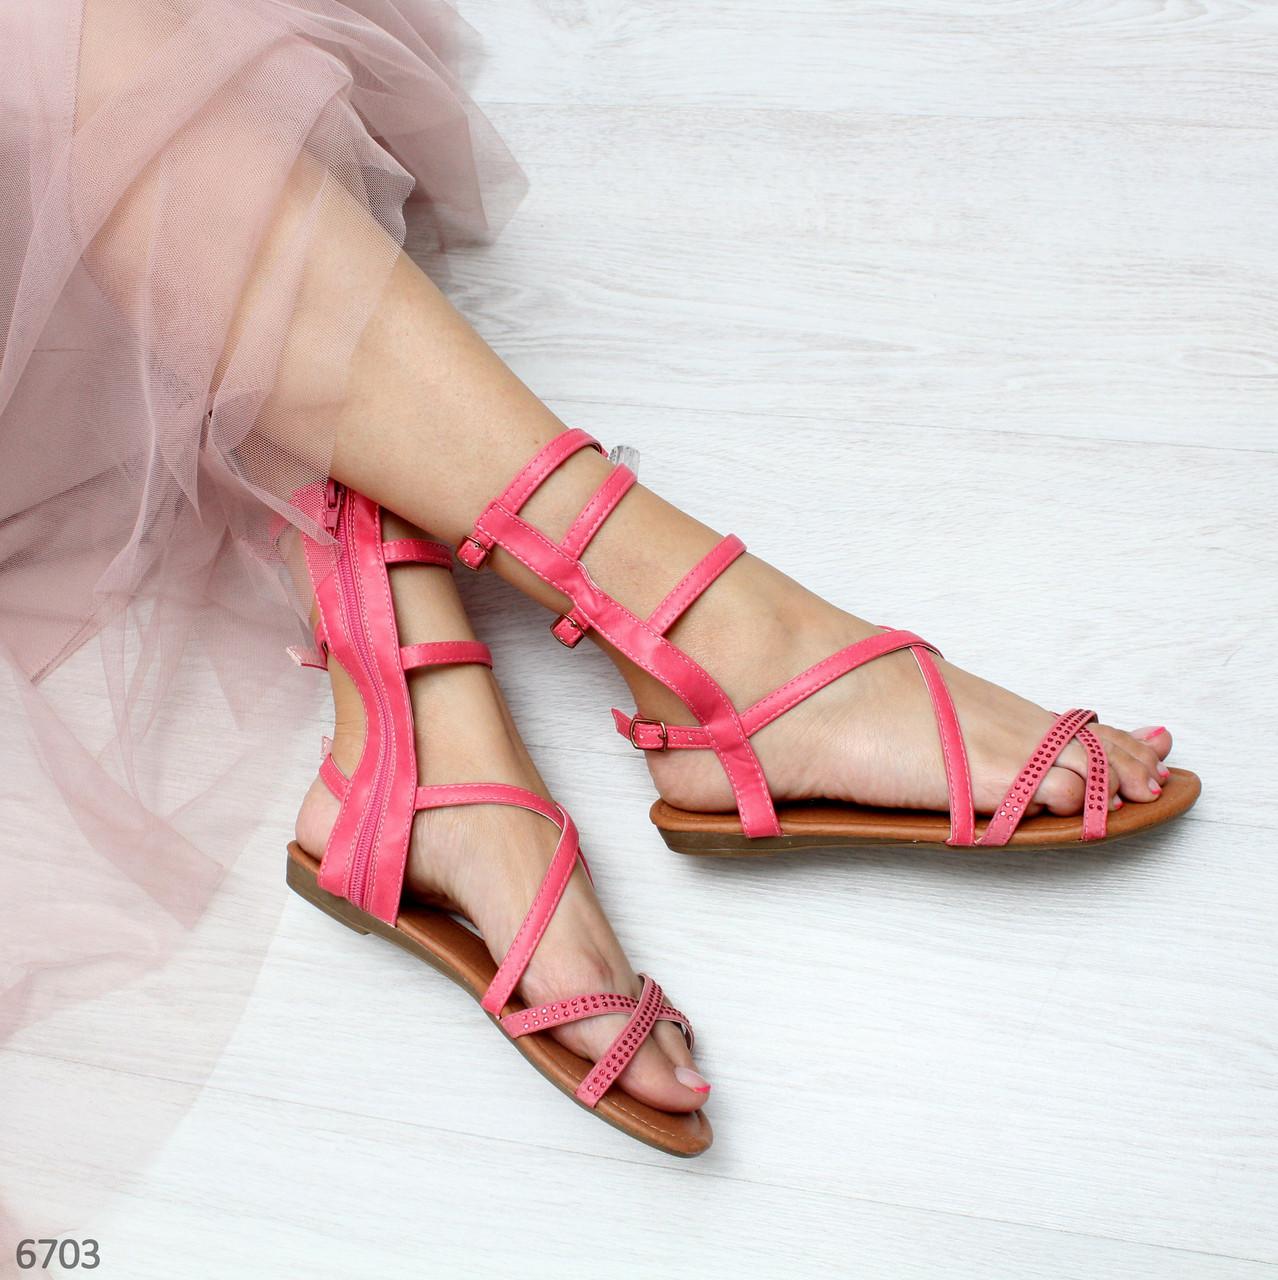 Яркие коралловые женские сандалии босоножки римлянки в романтическом стиле